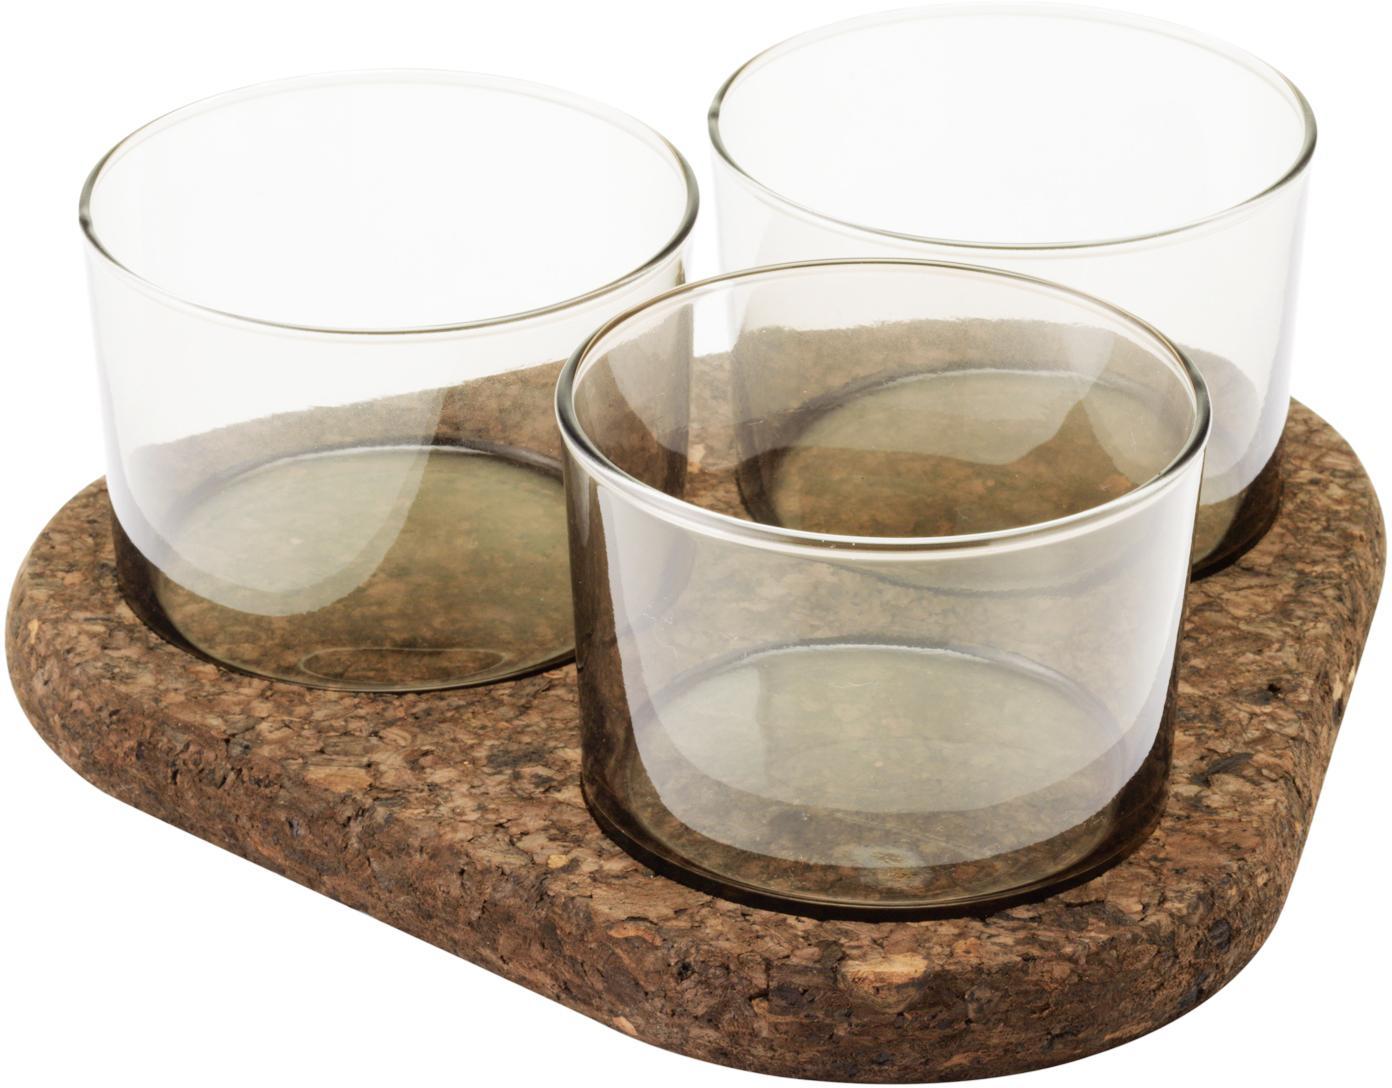 Dipschälchen-Set Raw, 4-tlg., Glas, Kork, Transparent, Braun, Set mit verschiedenen Grössen